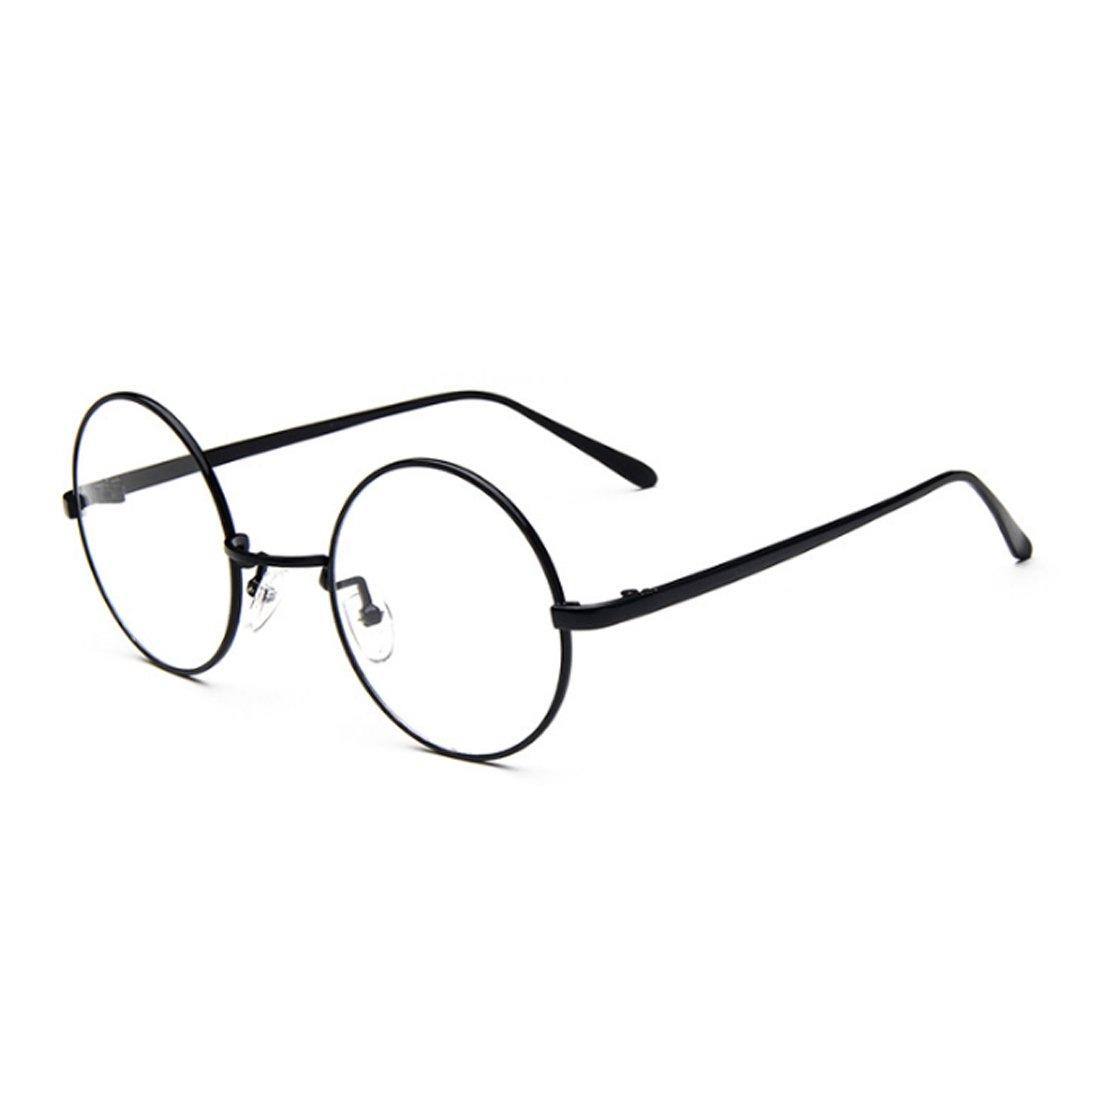 Aiweijia Male Female Circular myopia Glasses frame Fine Frame Retro Glasses